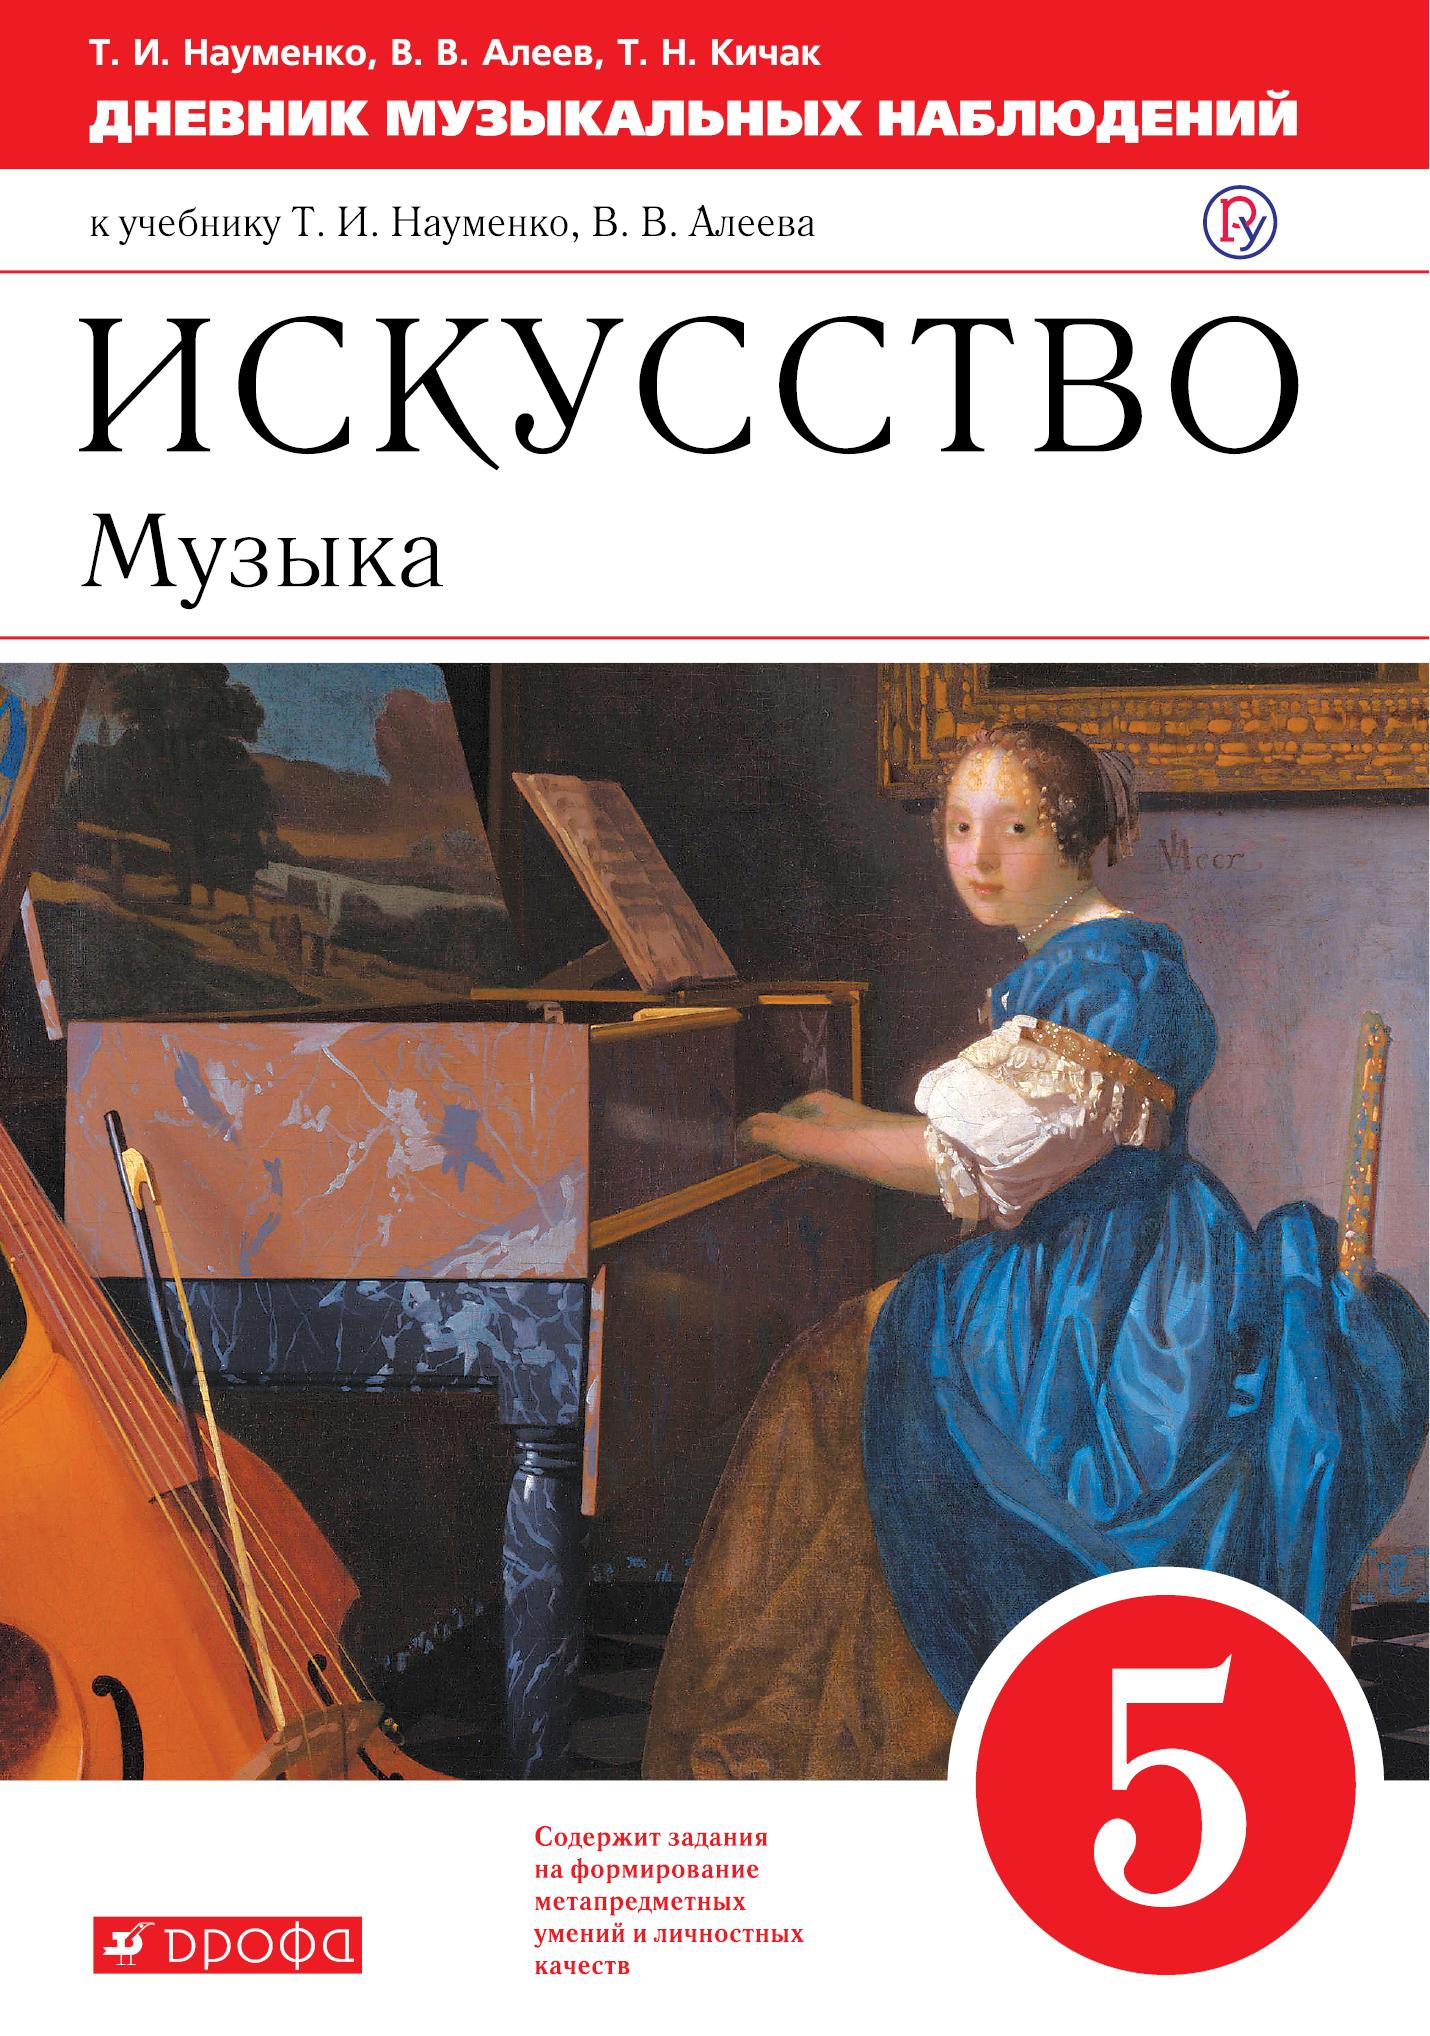 Науменко Т.И., Алеев В.В., Кичак Т.Н. Искусство. Музыка. 5 класс. Дневник музыкальных наблюдений